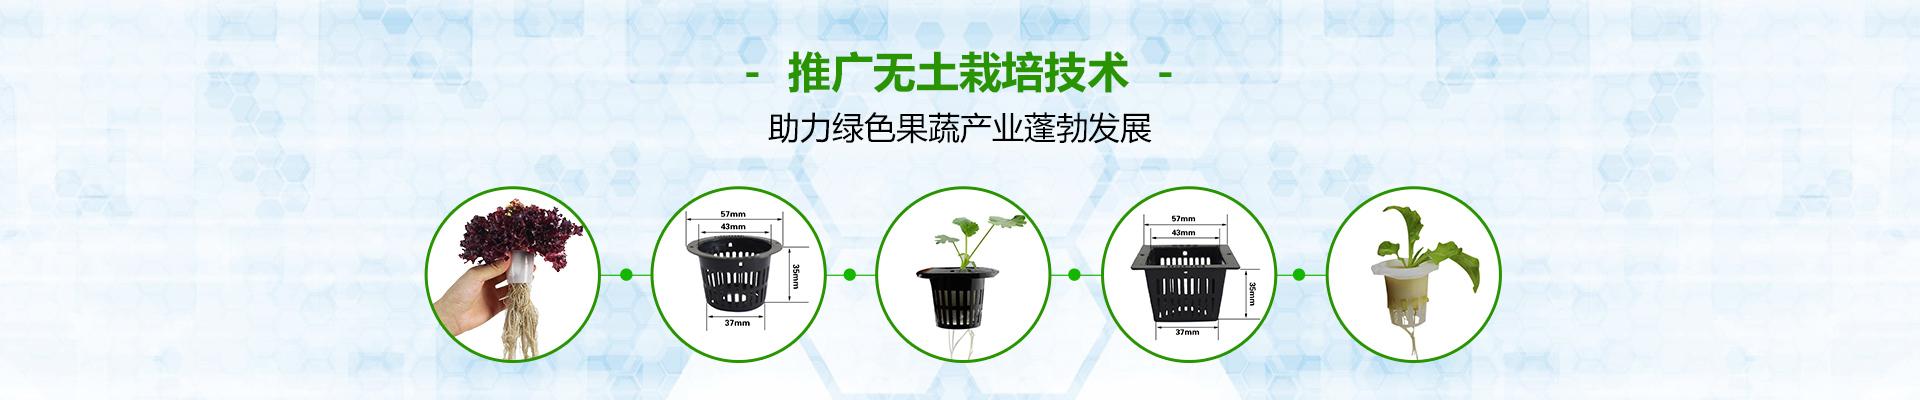 荣成农业无土栽培定植篮-助力绿色果蔬产业蓬勃发展